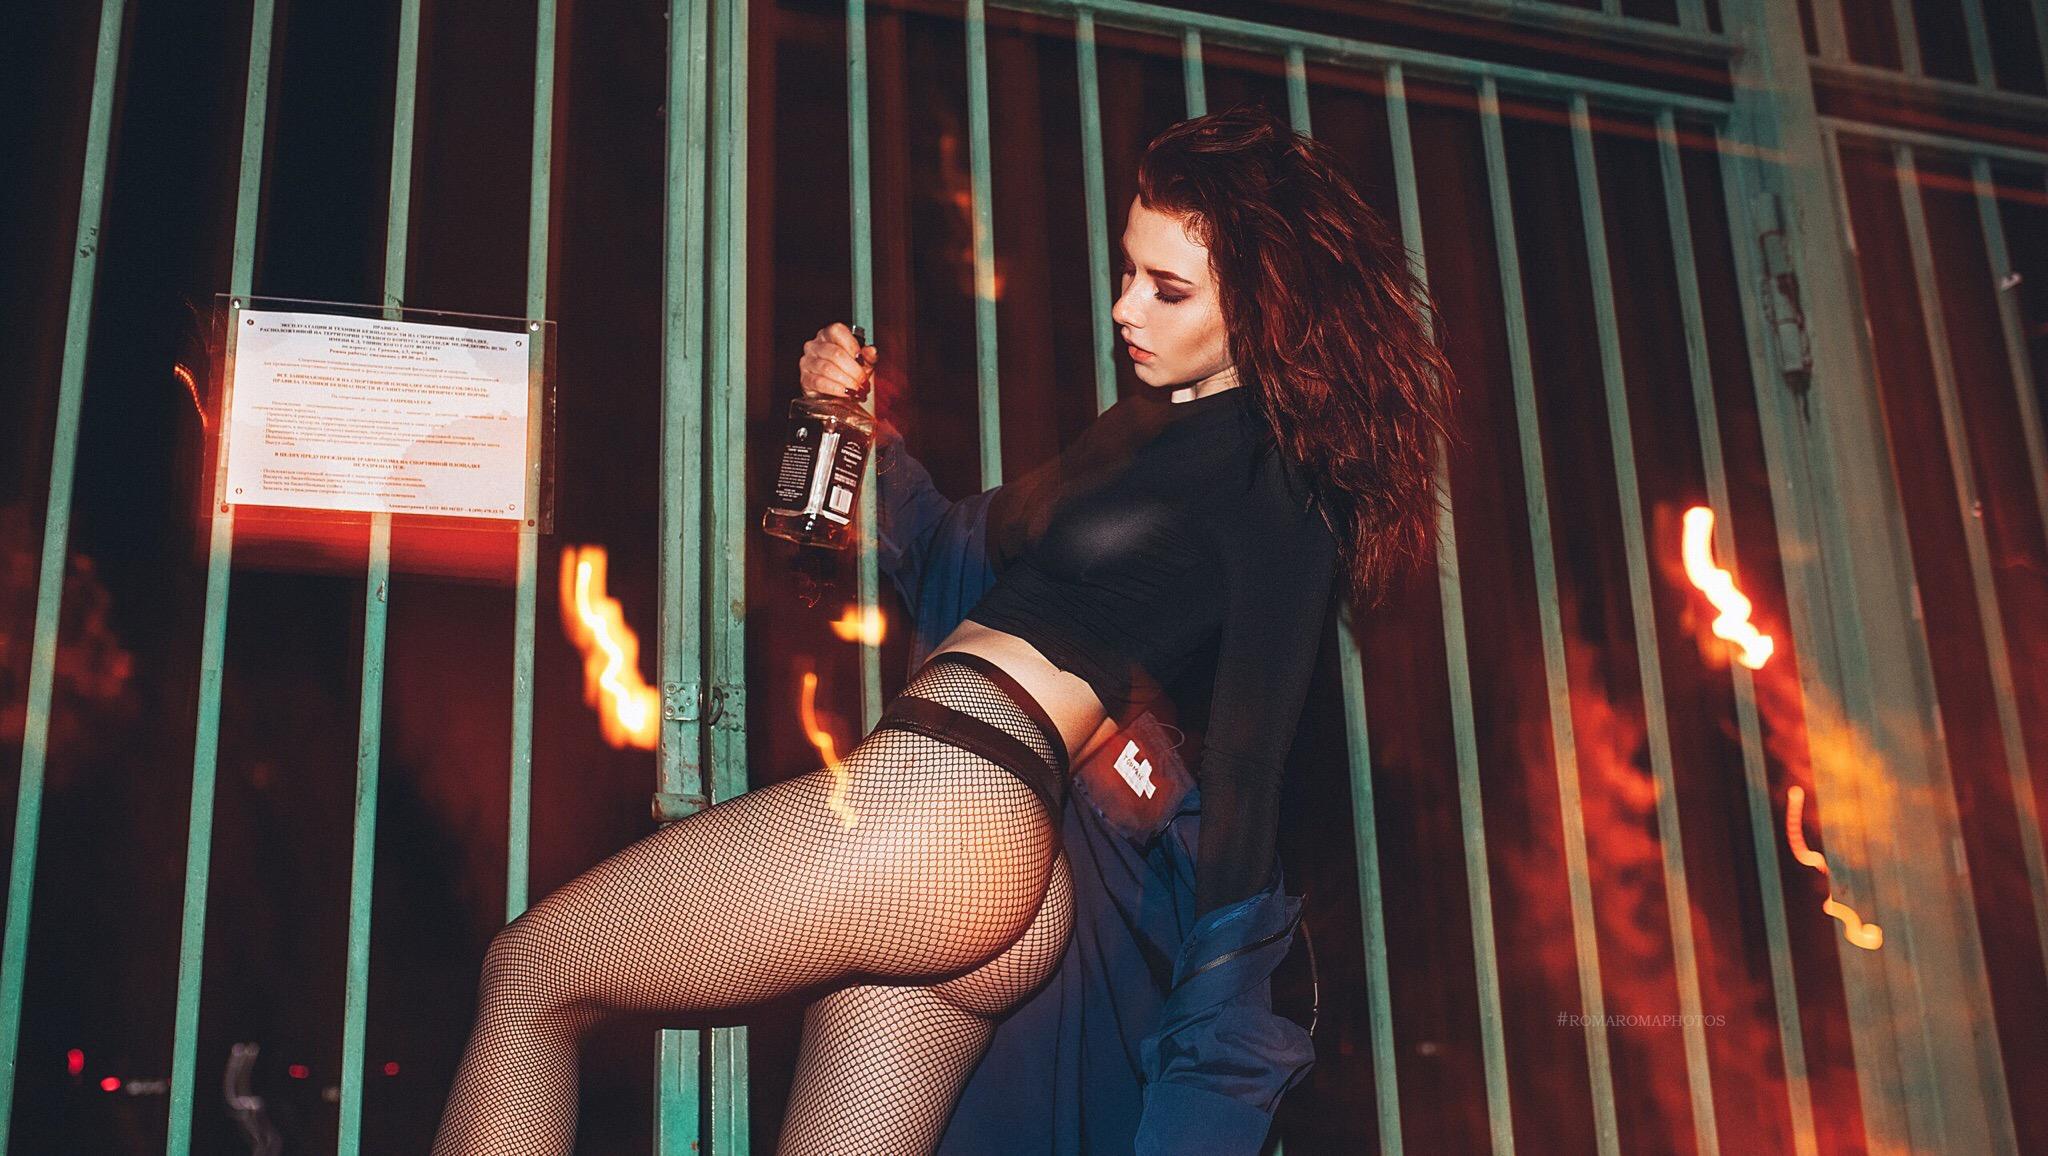 People 2048x1156 women bottles ass fishnet stockings painted nails fishnet lingerie Inga Lis Inga Sunagatullina open coat whisky blue coat coats